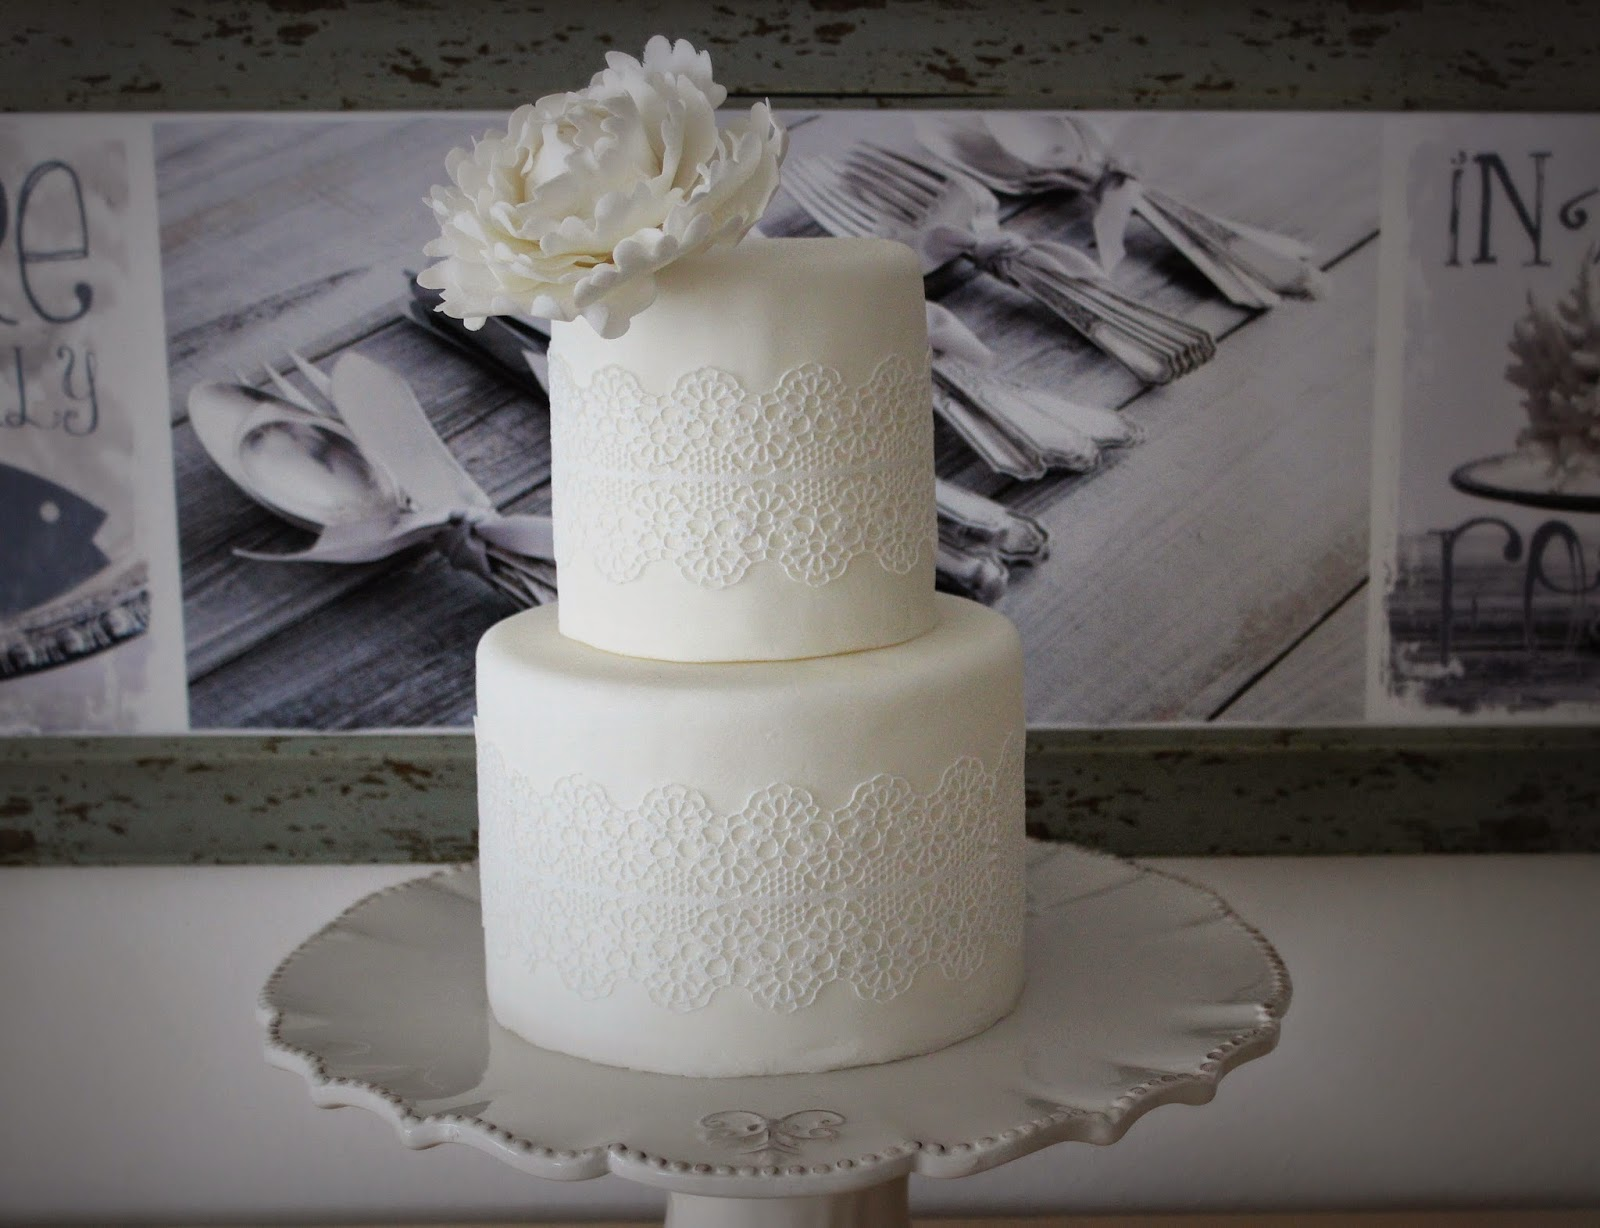 Estela S Sugar Art Hochzeitstorte Ganz In Weiss